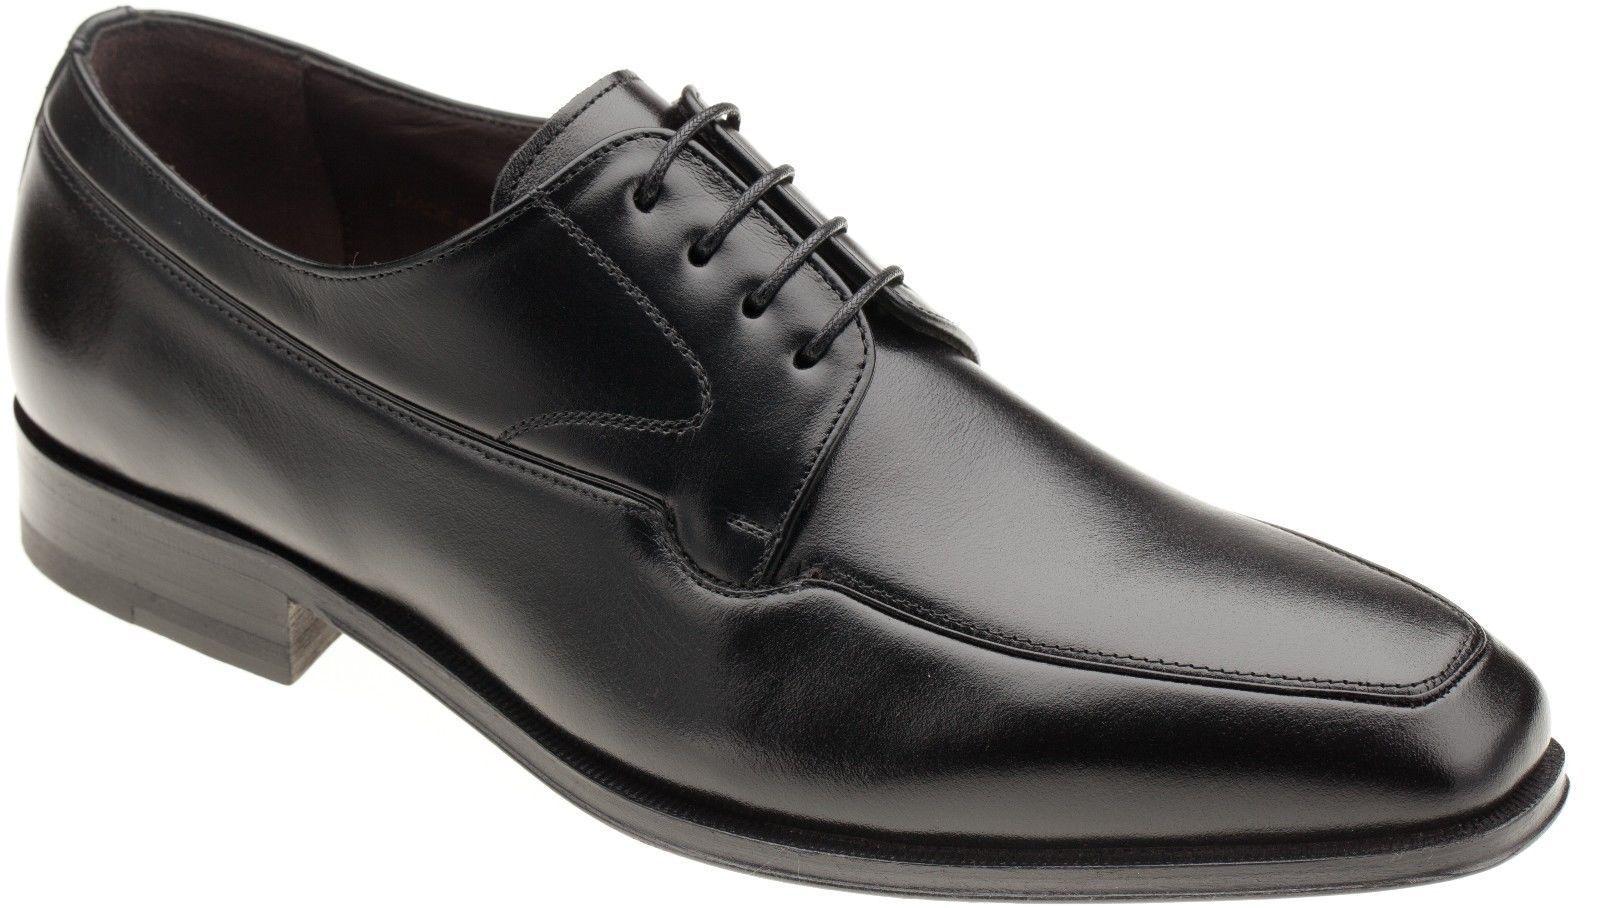 Mezlan Hombre Cuero Negro 15673 Delantal Toe Oxford De Vestir Zapatos Con Cordones.